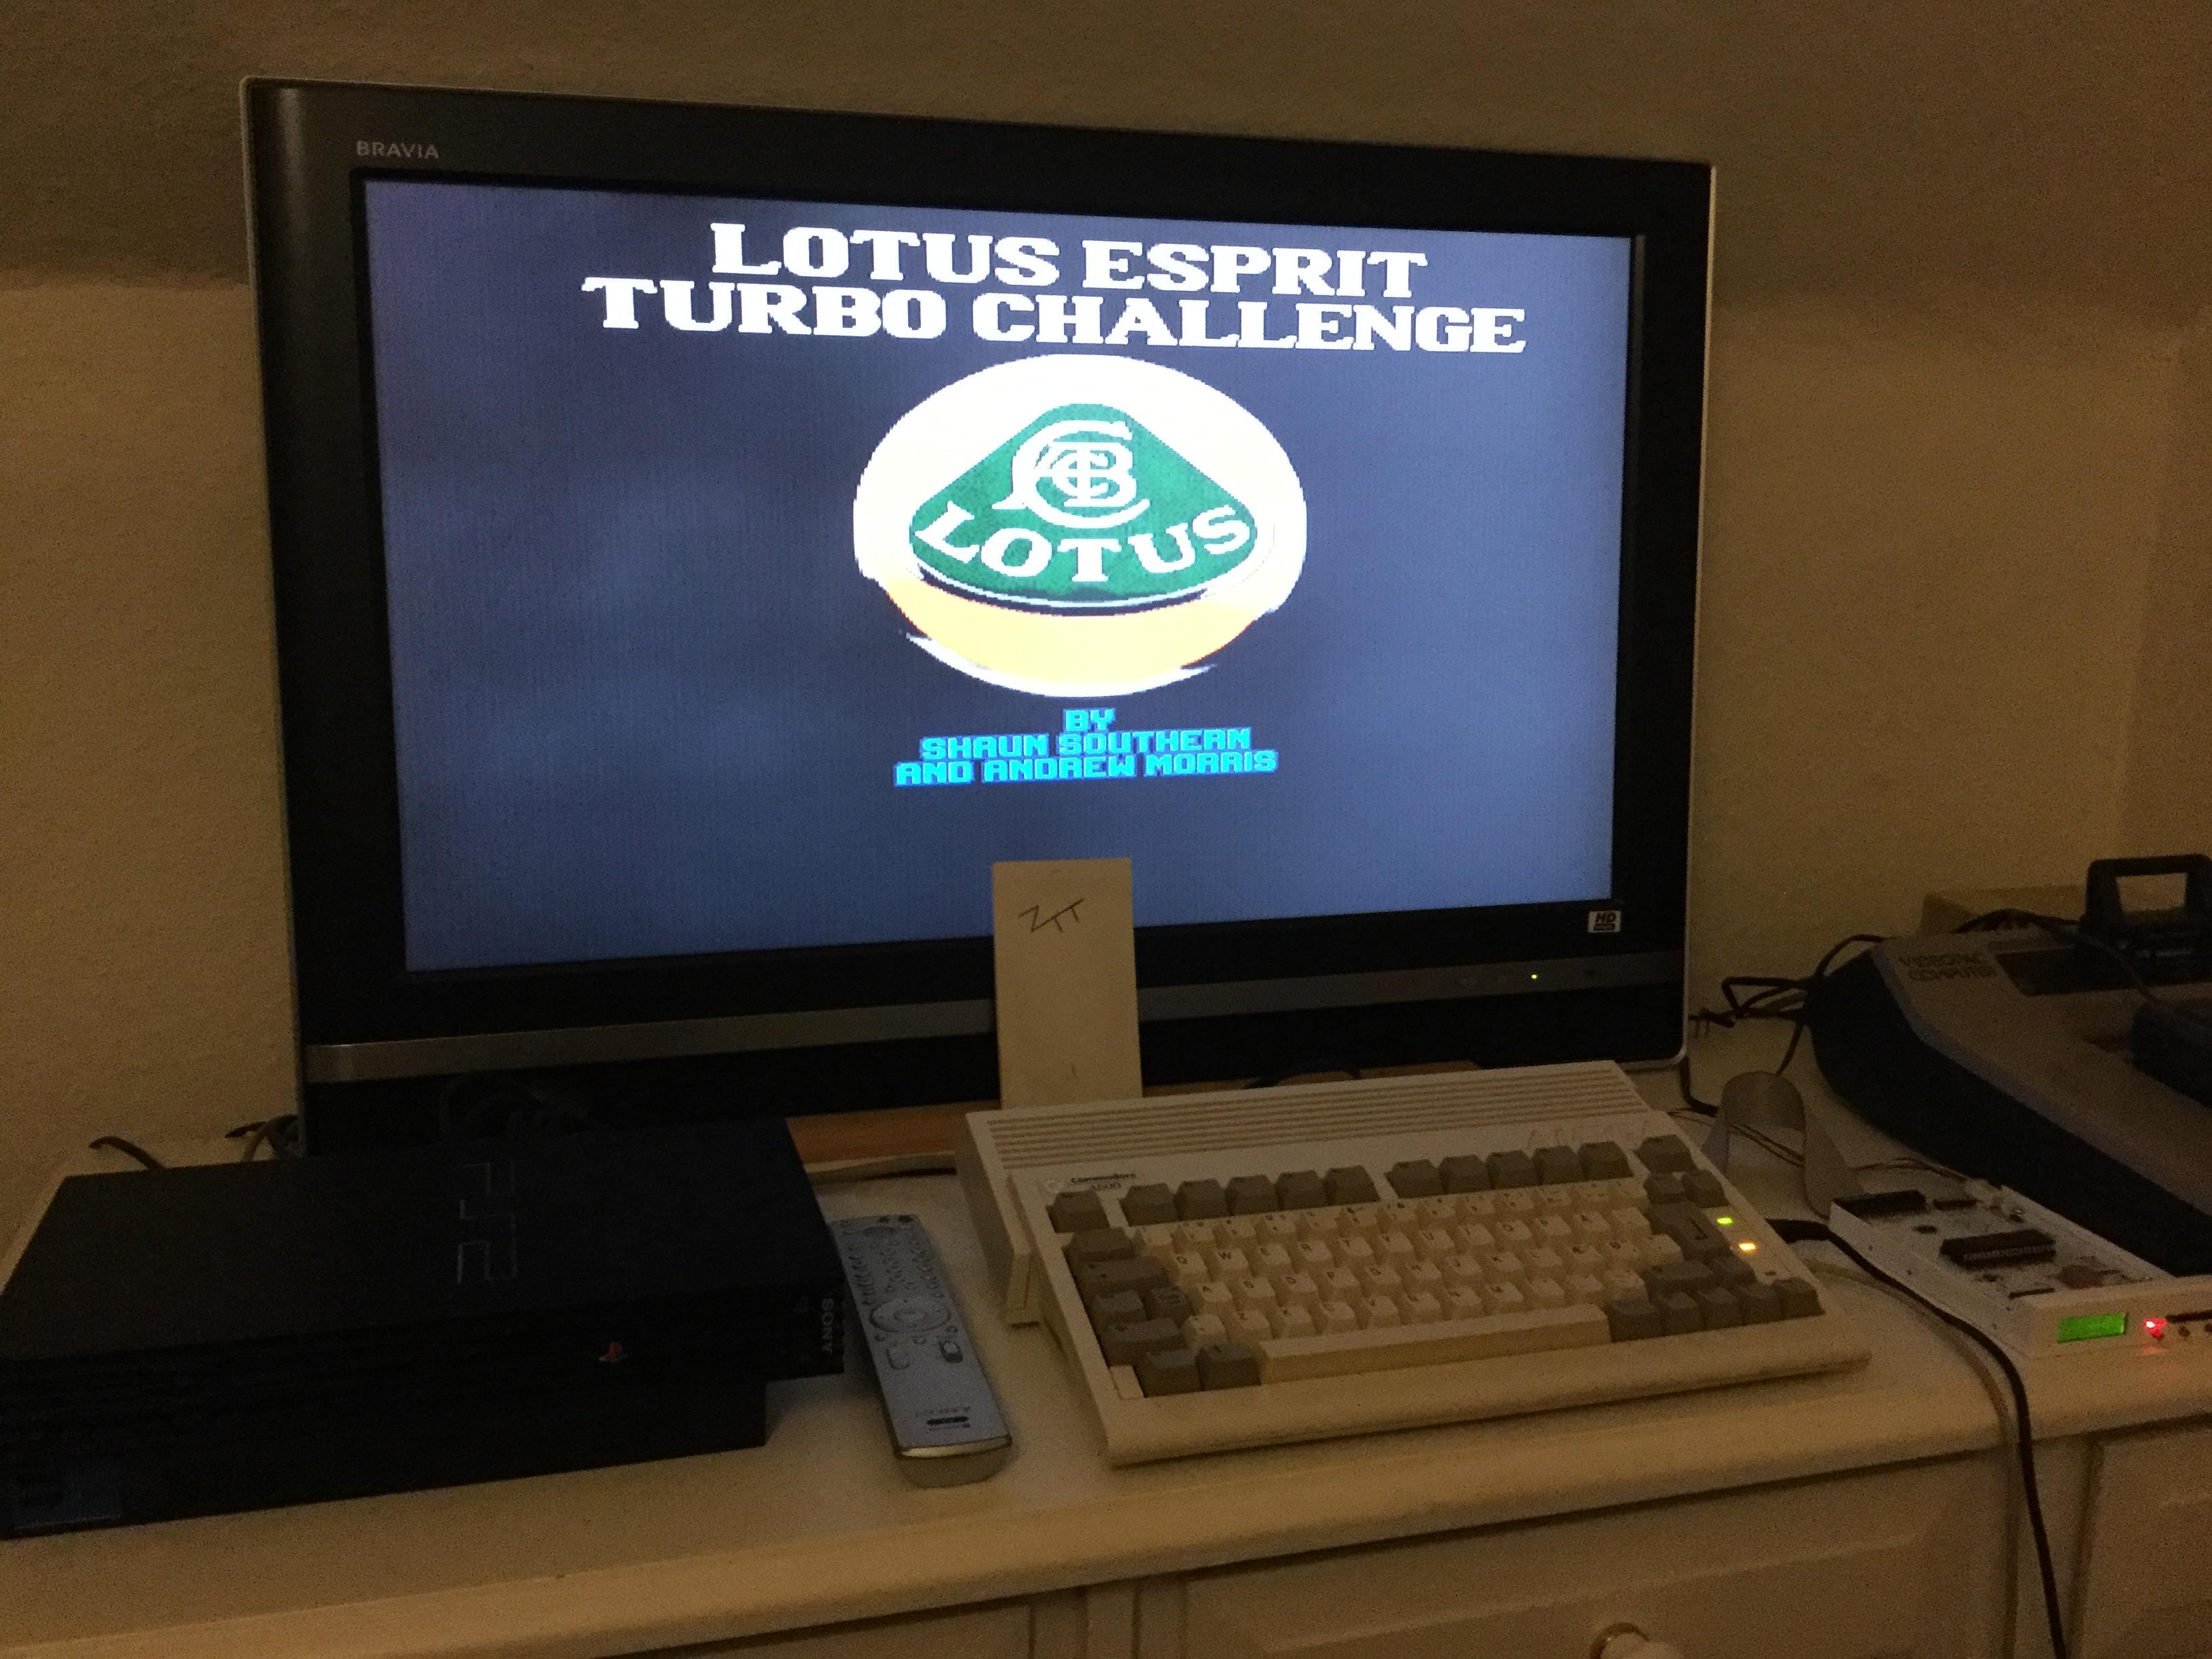 Frankie: Lotus Esprit Turbo Challenge [Easy]: [Spain] (Amiga) 0:03:31.2 points on 2017-12-01 12:40:49